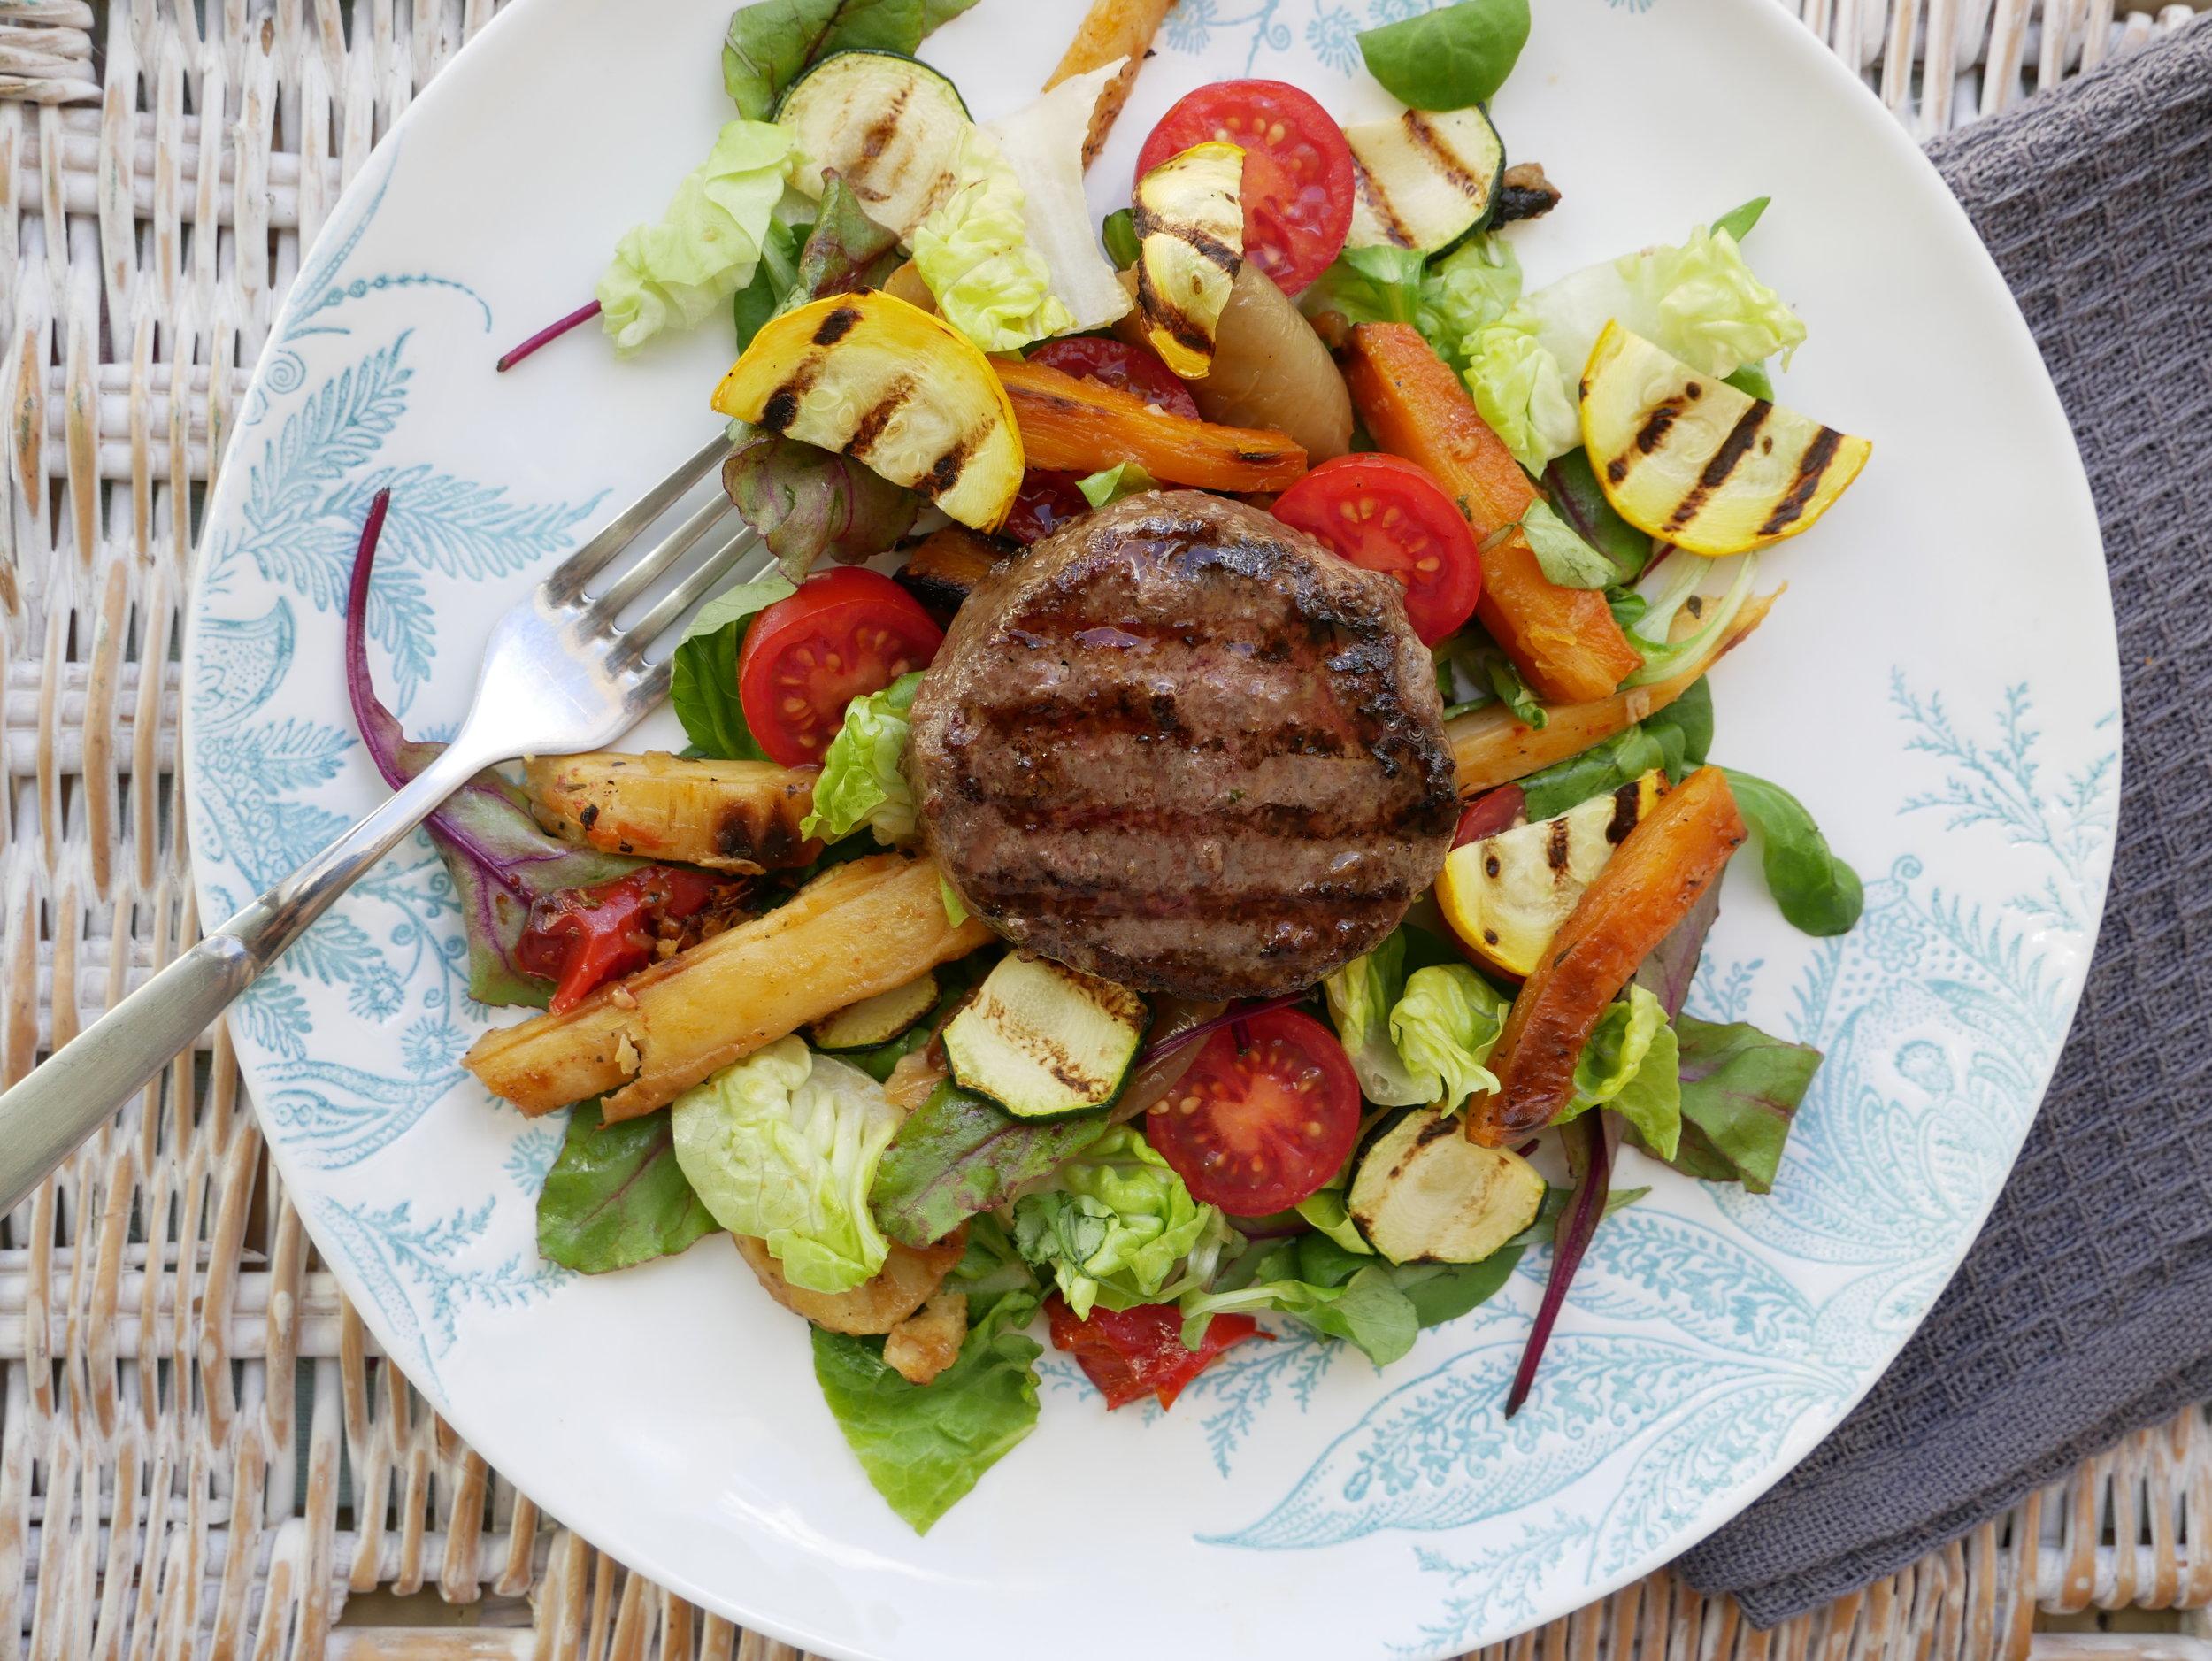 Grilled vegetable burger salad